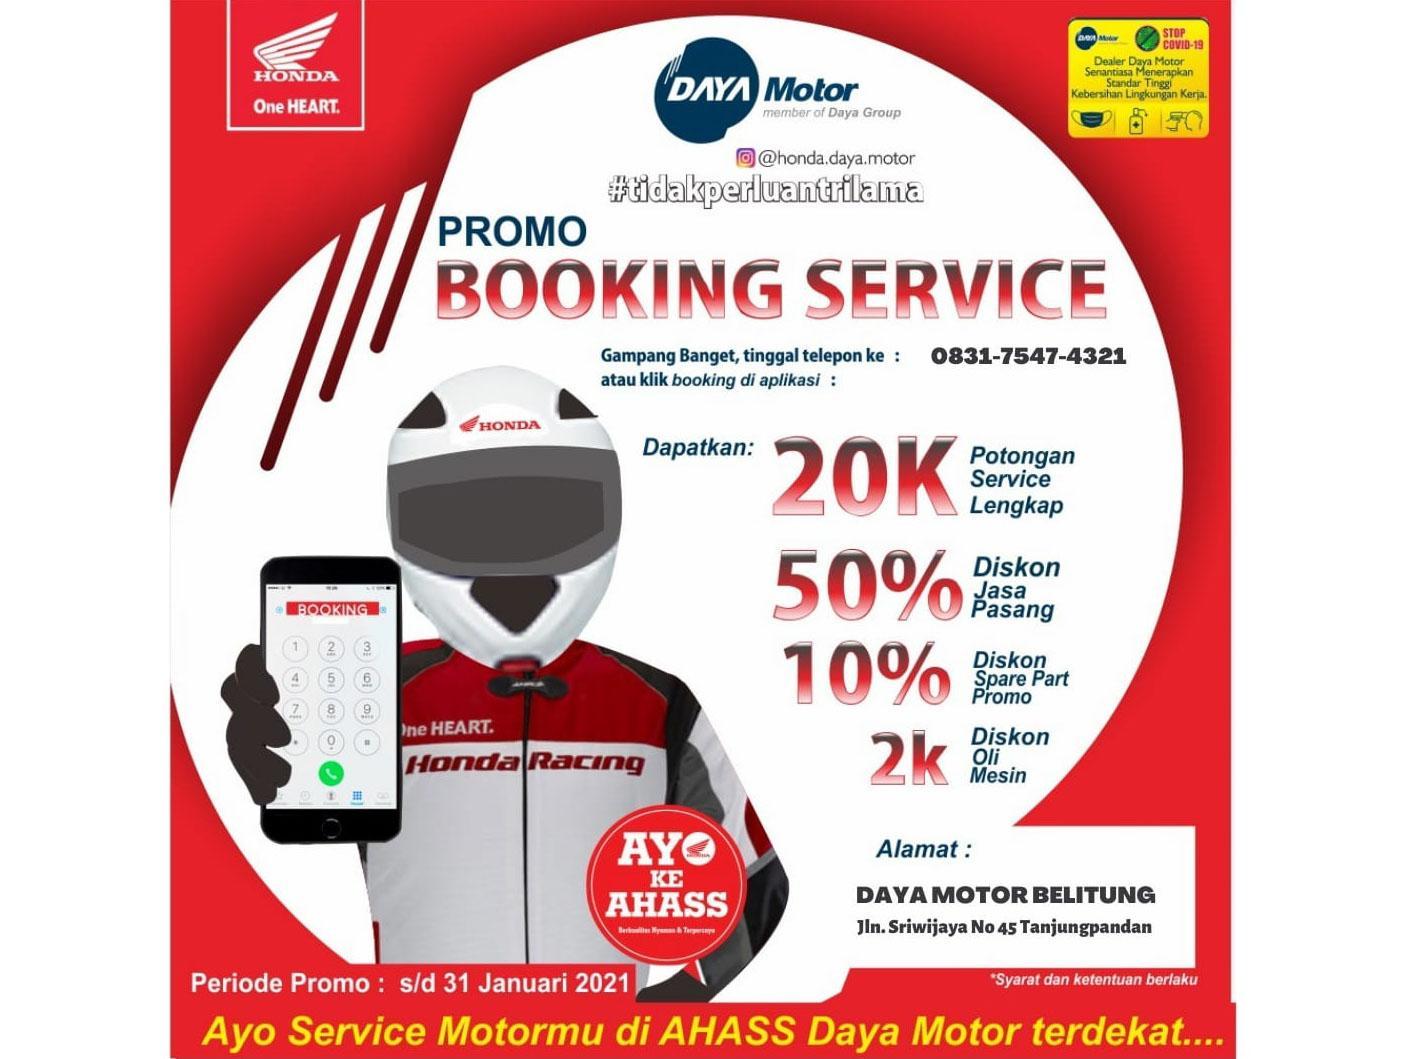 Kabar Gembira Pengguna Motor Honda, Daya Motor Belitung Tawarkan Servis Lengkap